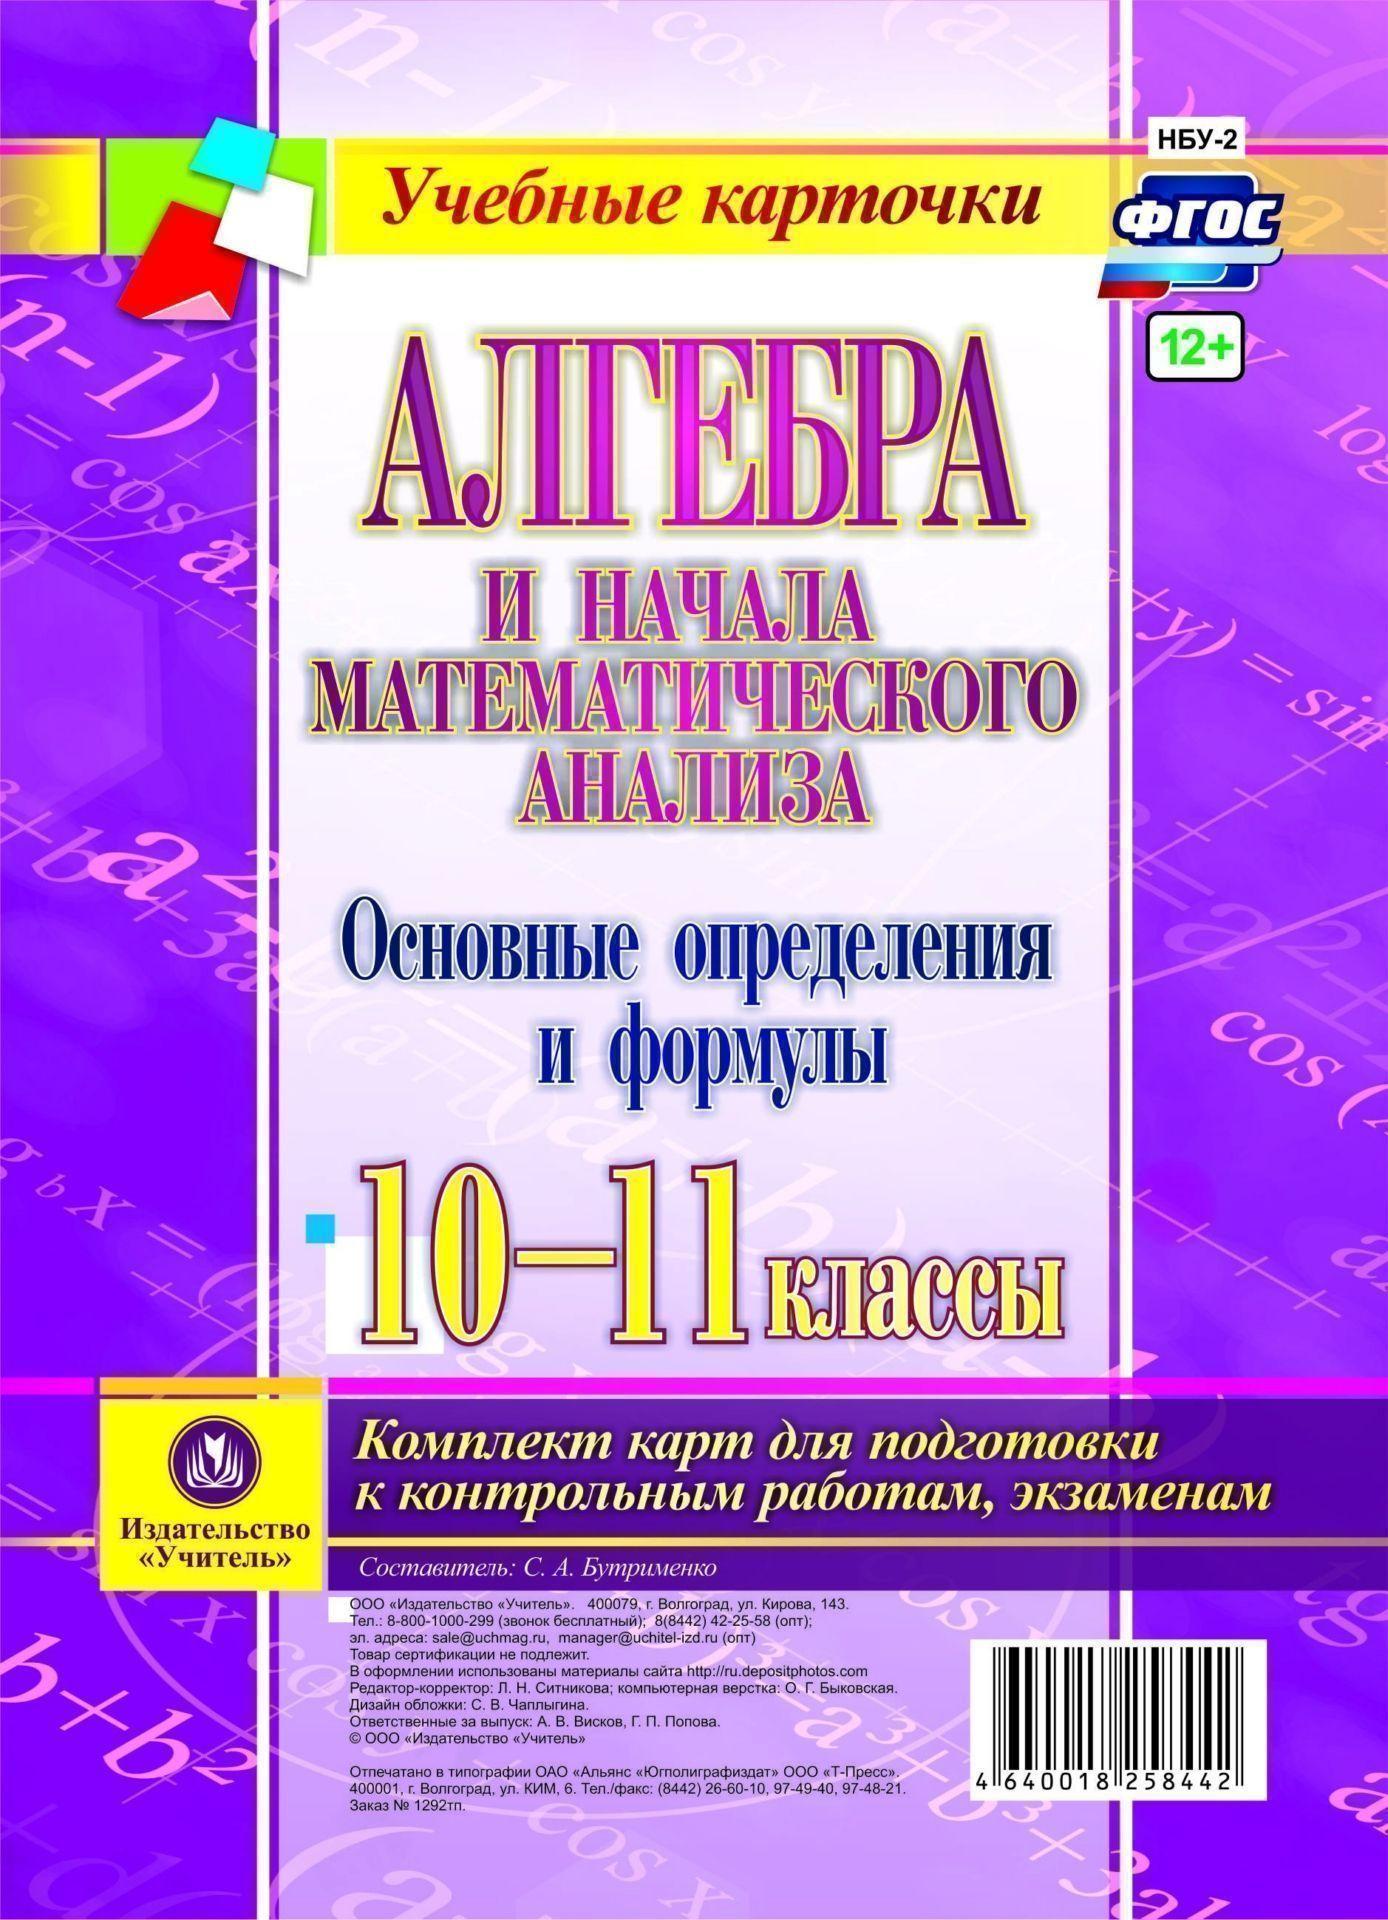 Алгебра и начала математического анализа. Основные определения формулы. 10-11 классы. Комплект карт